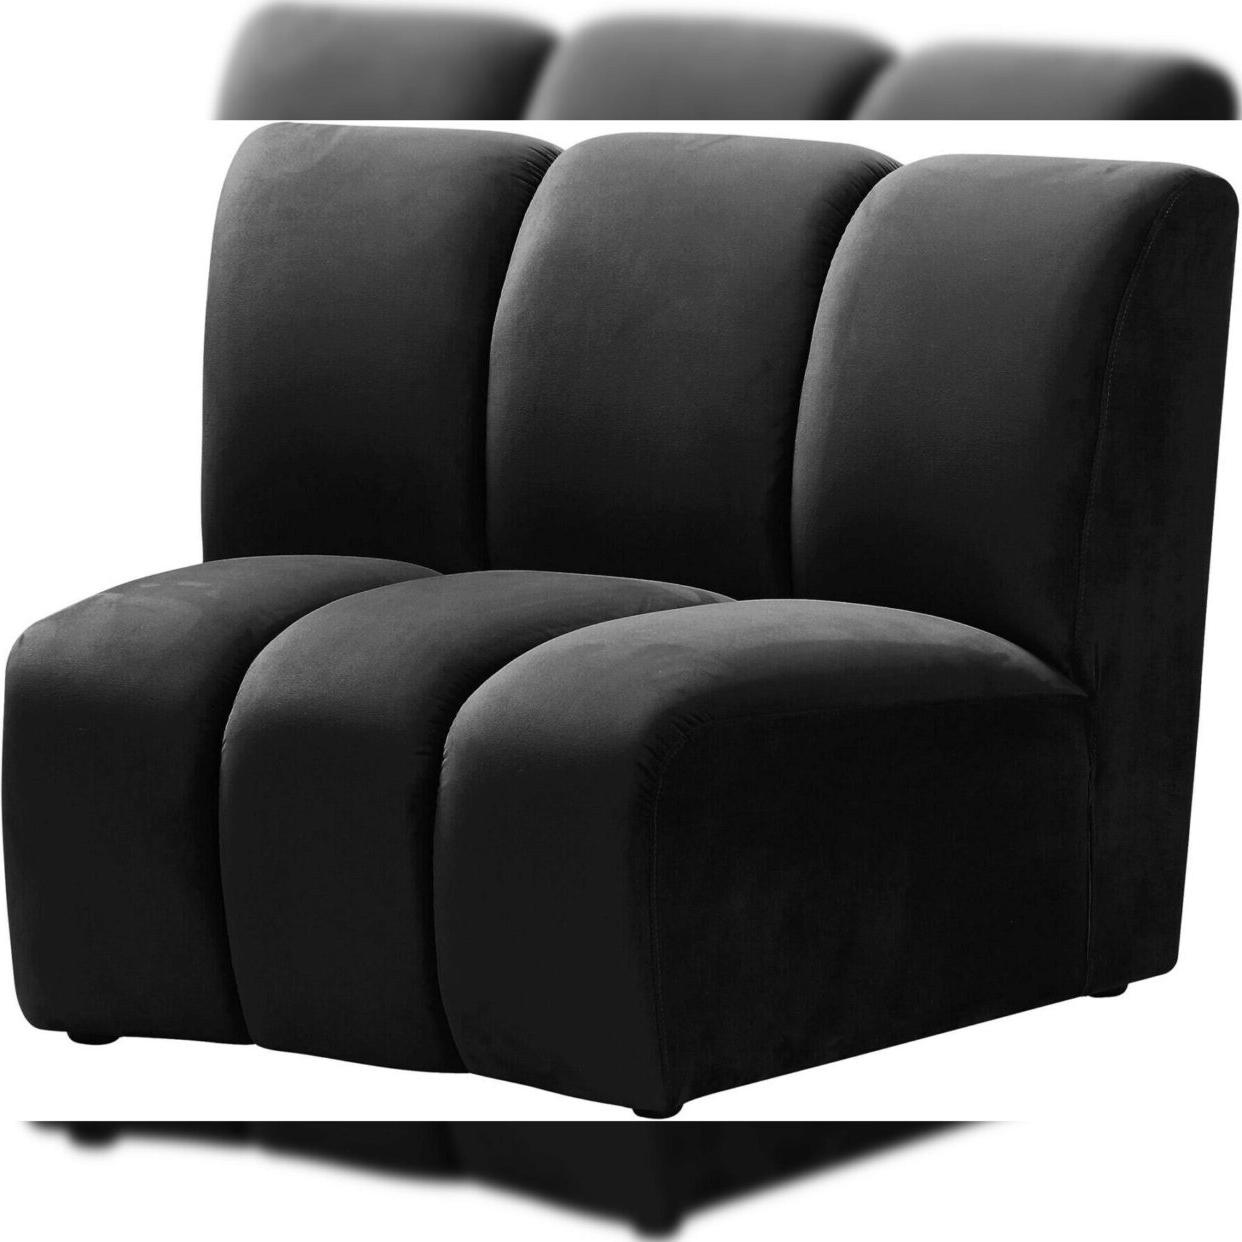 Black Velvet 638black 3pc Modular Sectional Sofa Infinity Pertaining To 2018 3pc French Seamed Sectional Sofas Velvet Black (View 19 of 20)